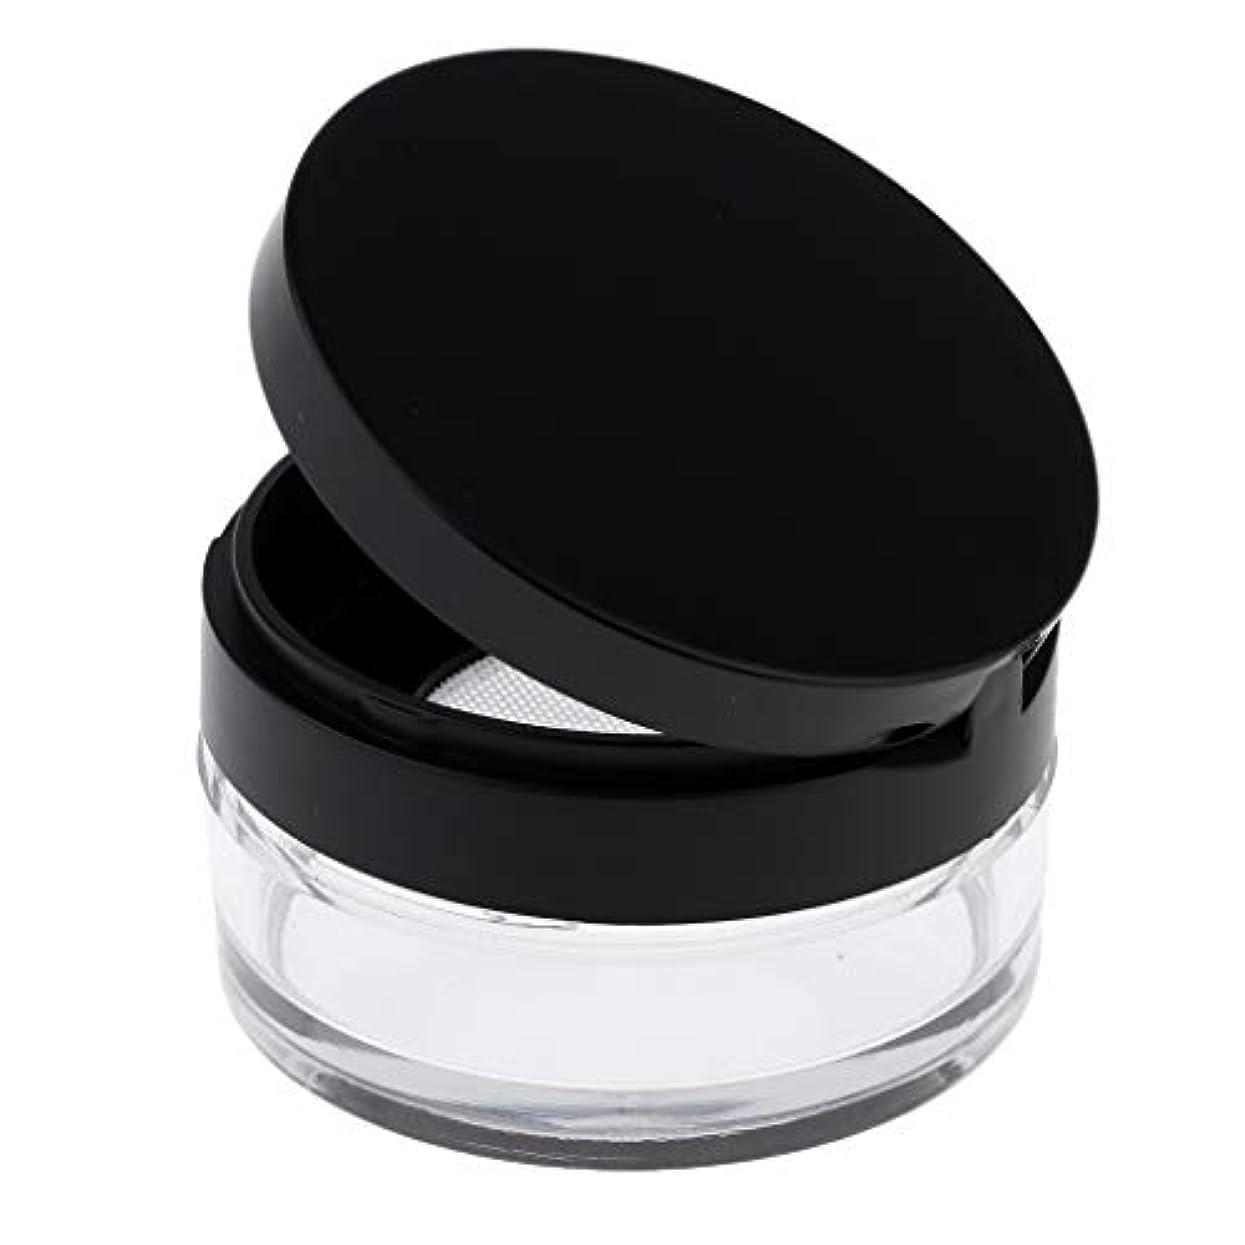 文作物かもしれないP Prettyia 空 メイクアップ ルースパウダーケース 化粧品容器 全2色 - ブラックL